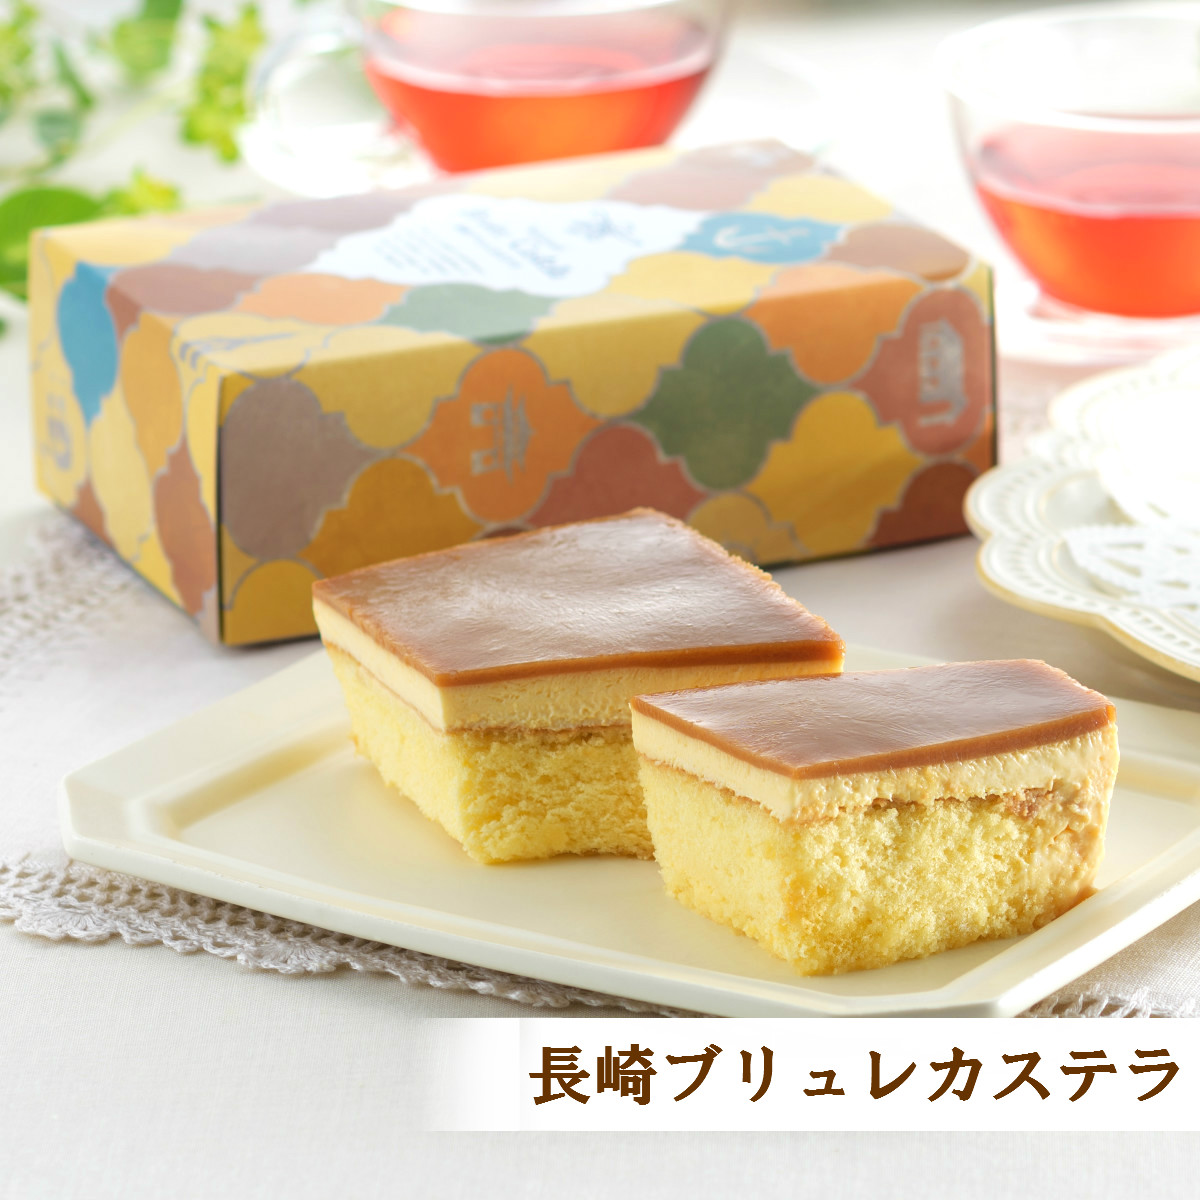 【送料込】夏のスイーツセット(長崎ブリュレカステラ&チーズケーキ&サンケーキ)(長崎便)